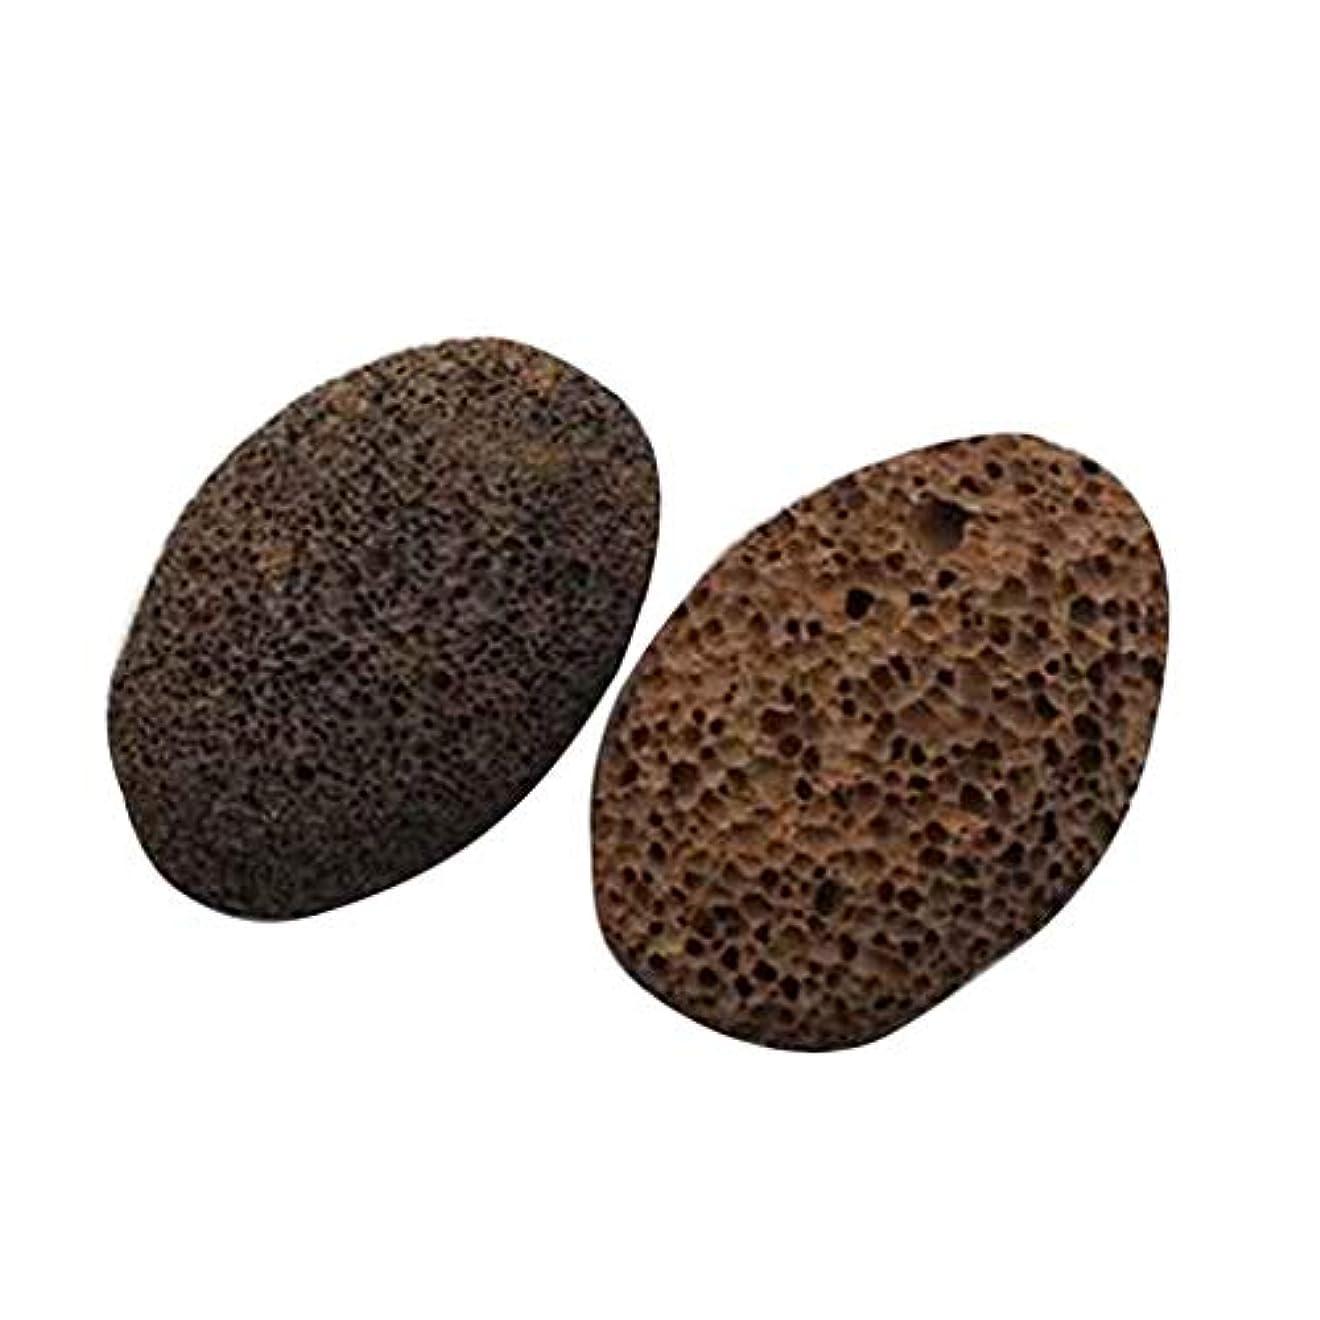 毎回サバント既婚Nerhaily 死んだ皮軽石を取り除き 足石を挽いて 自然の火山石を剥がします 足マッサージ石 ワイプ足石 2個セット